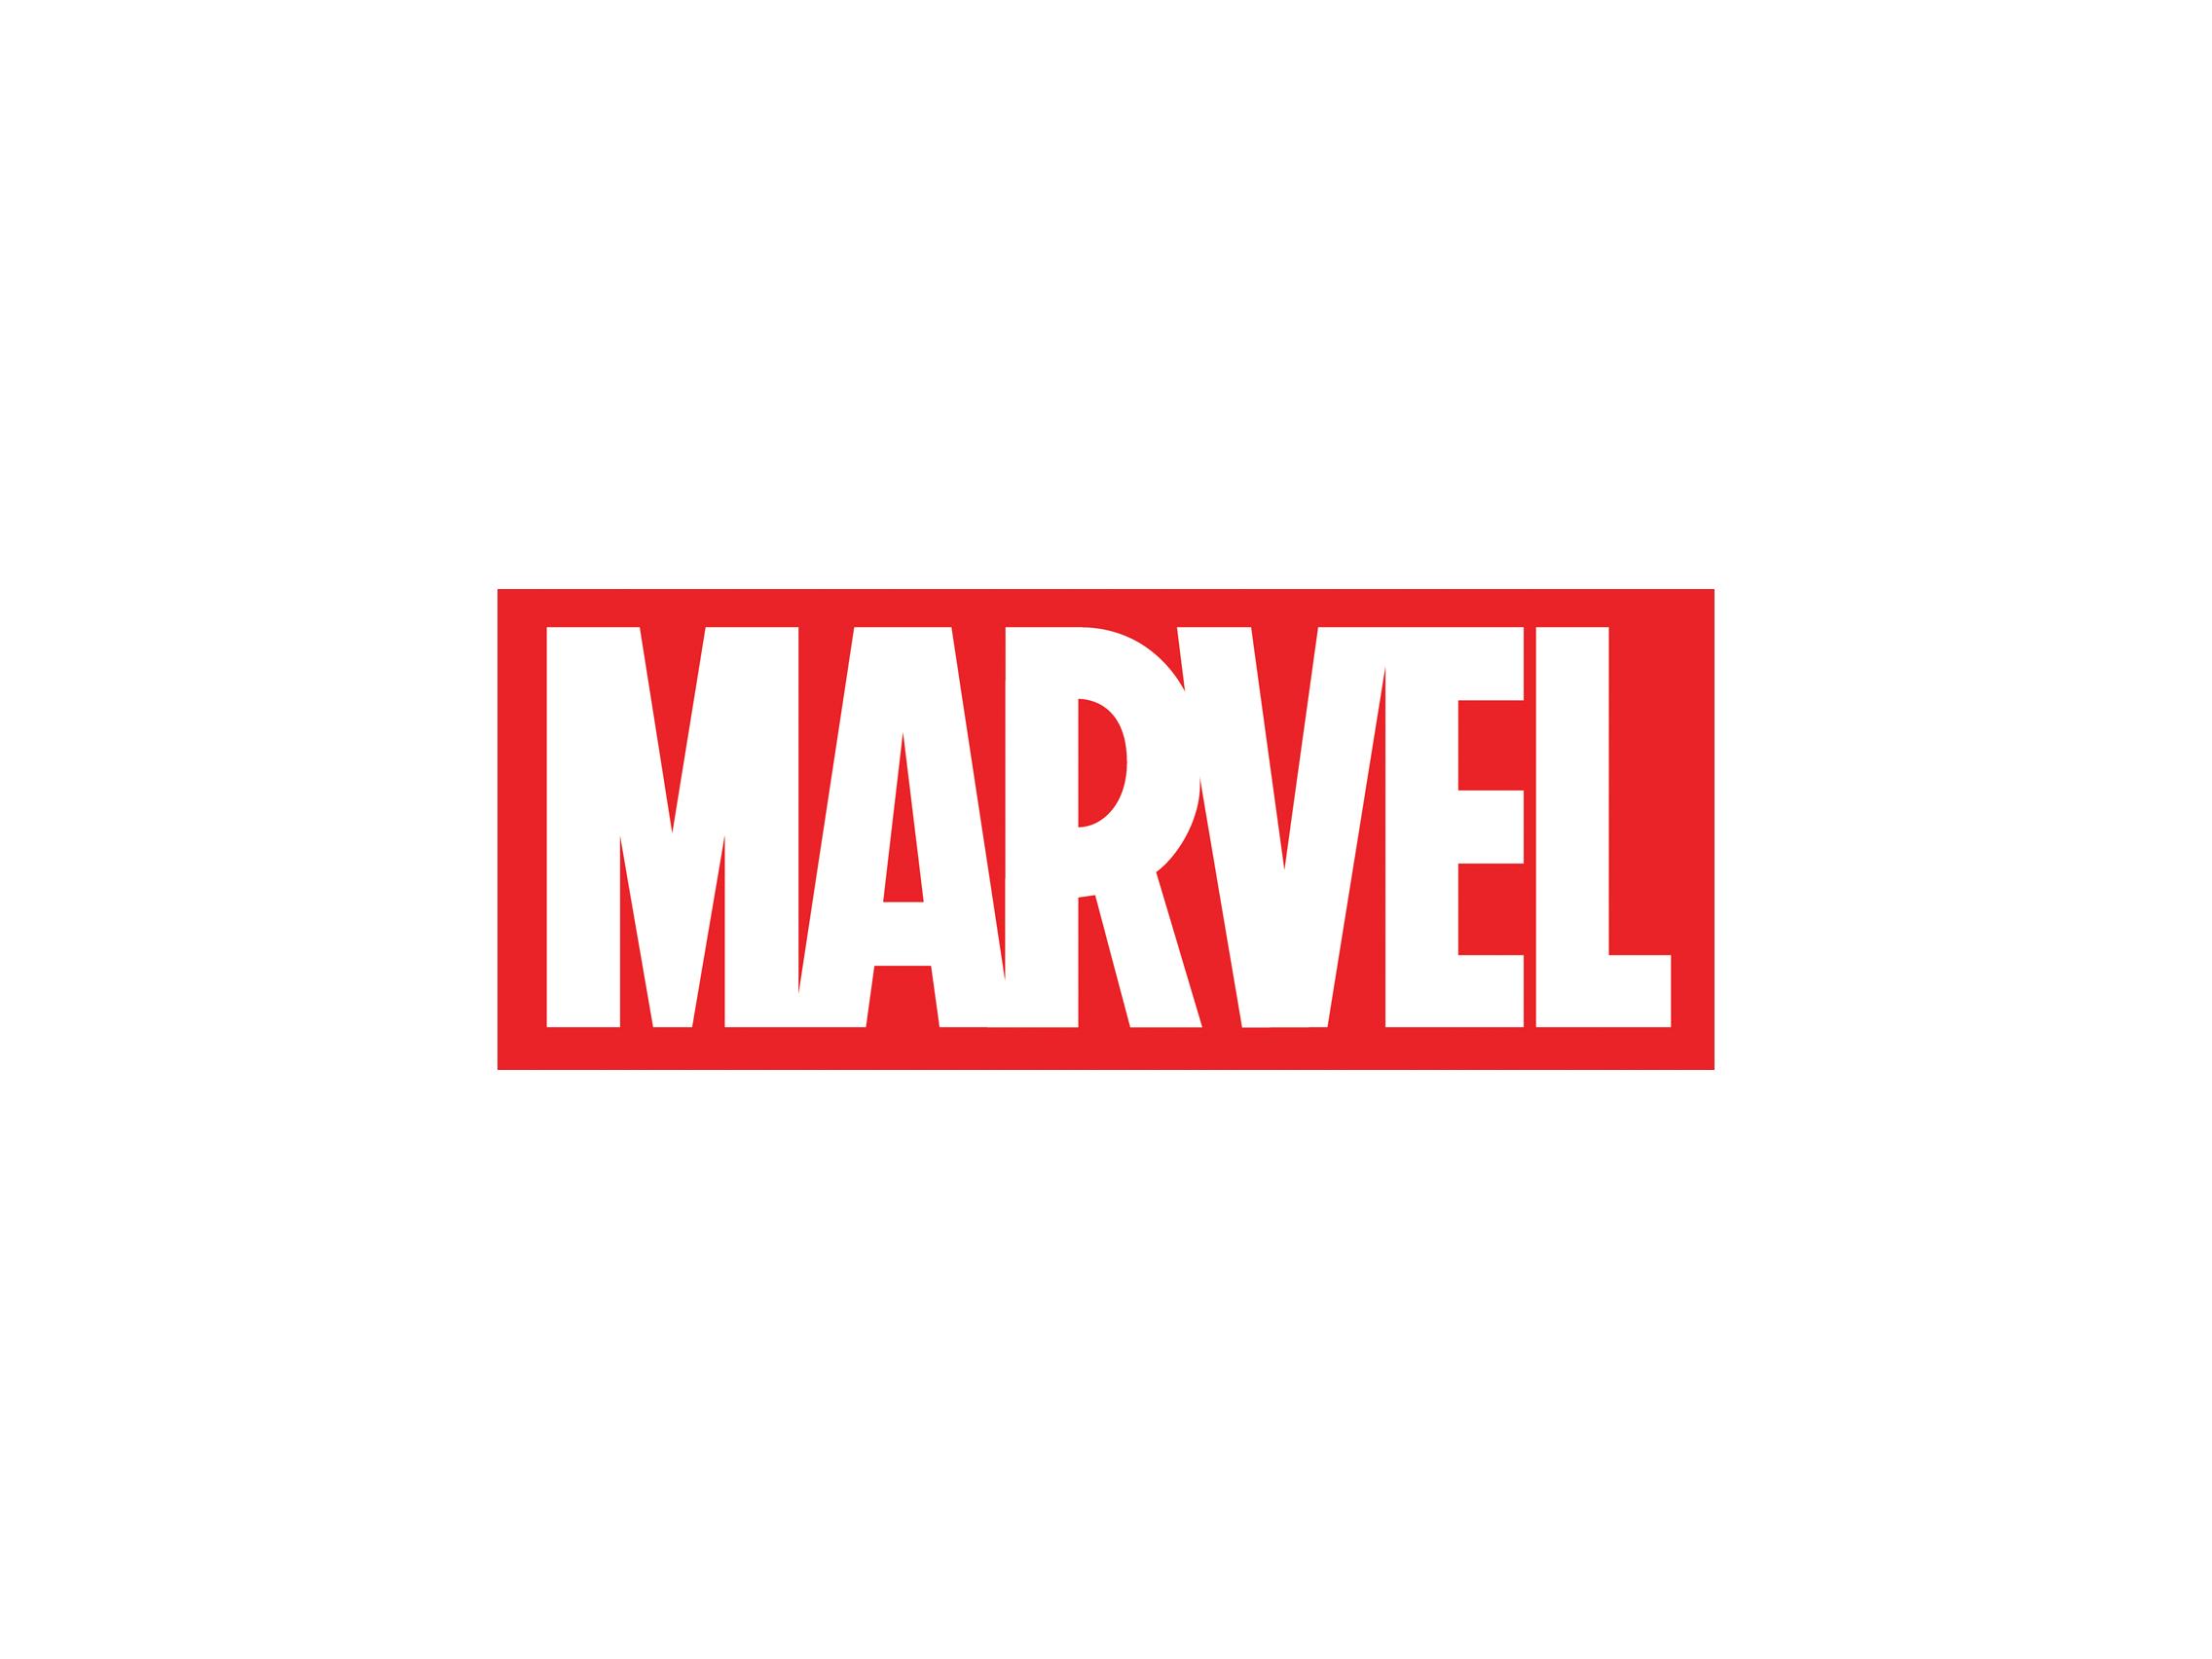 logo-da-marvel-png-3.png